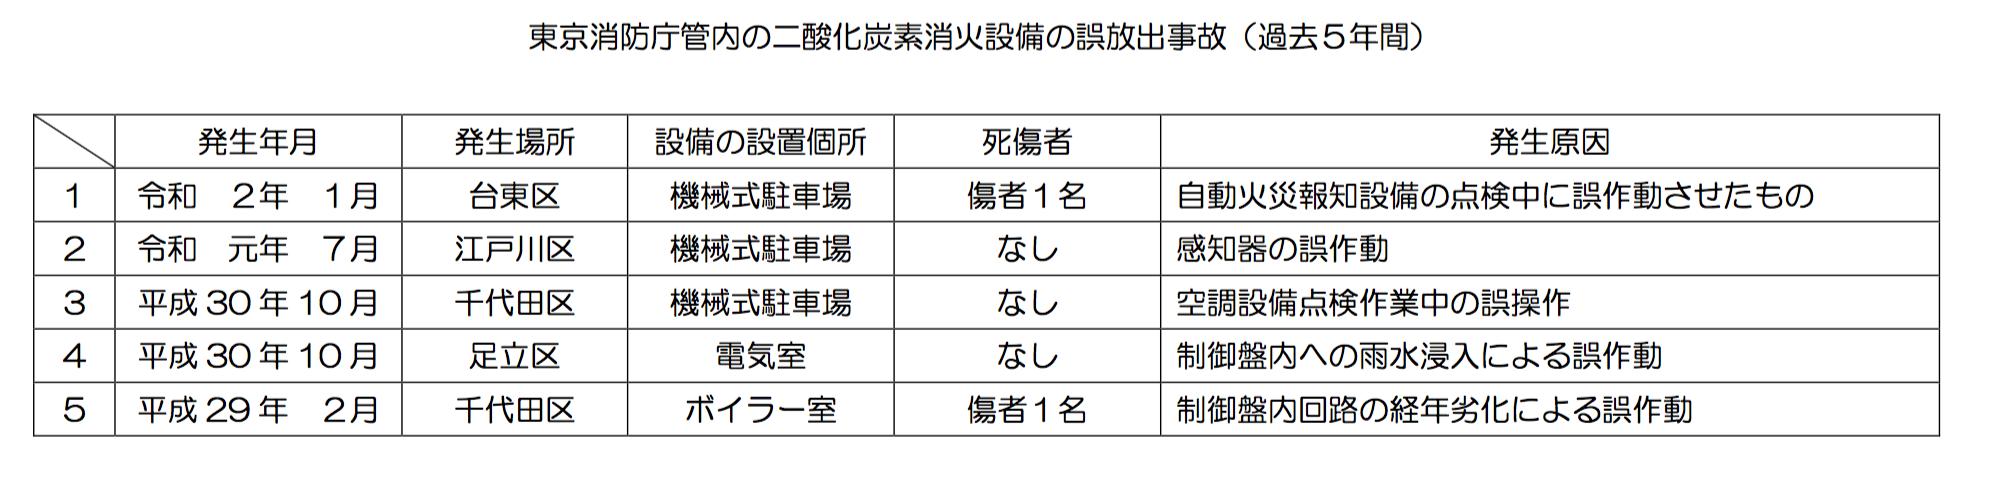 東京消防庁管内の二酸化炭素消化設備の誤放出事故